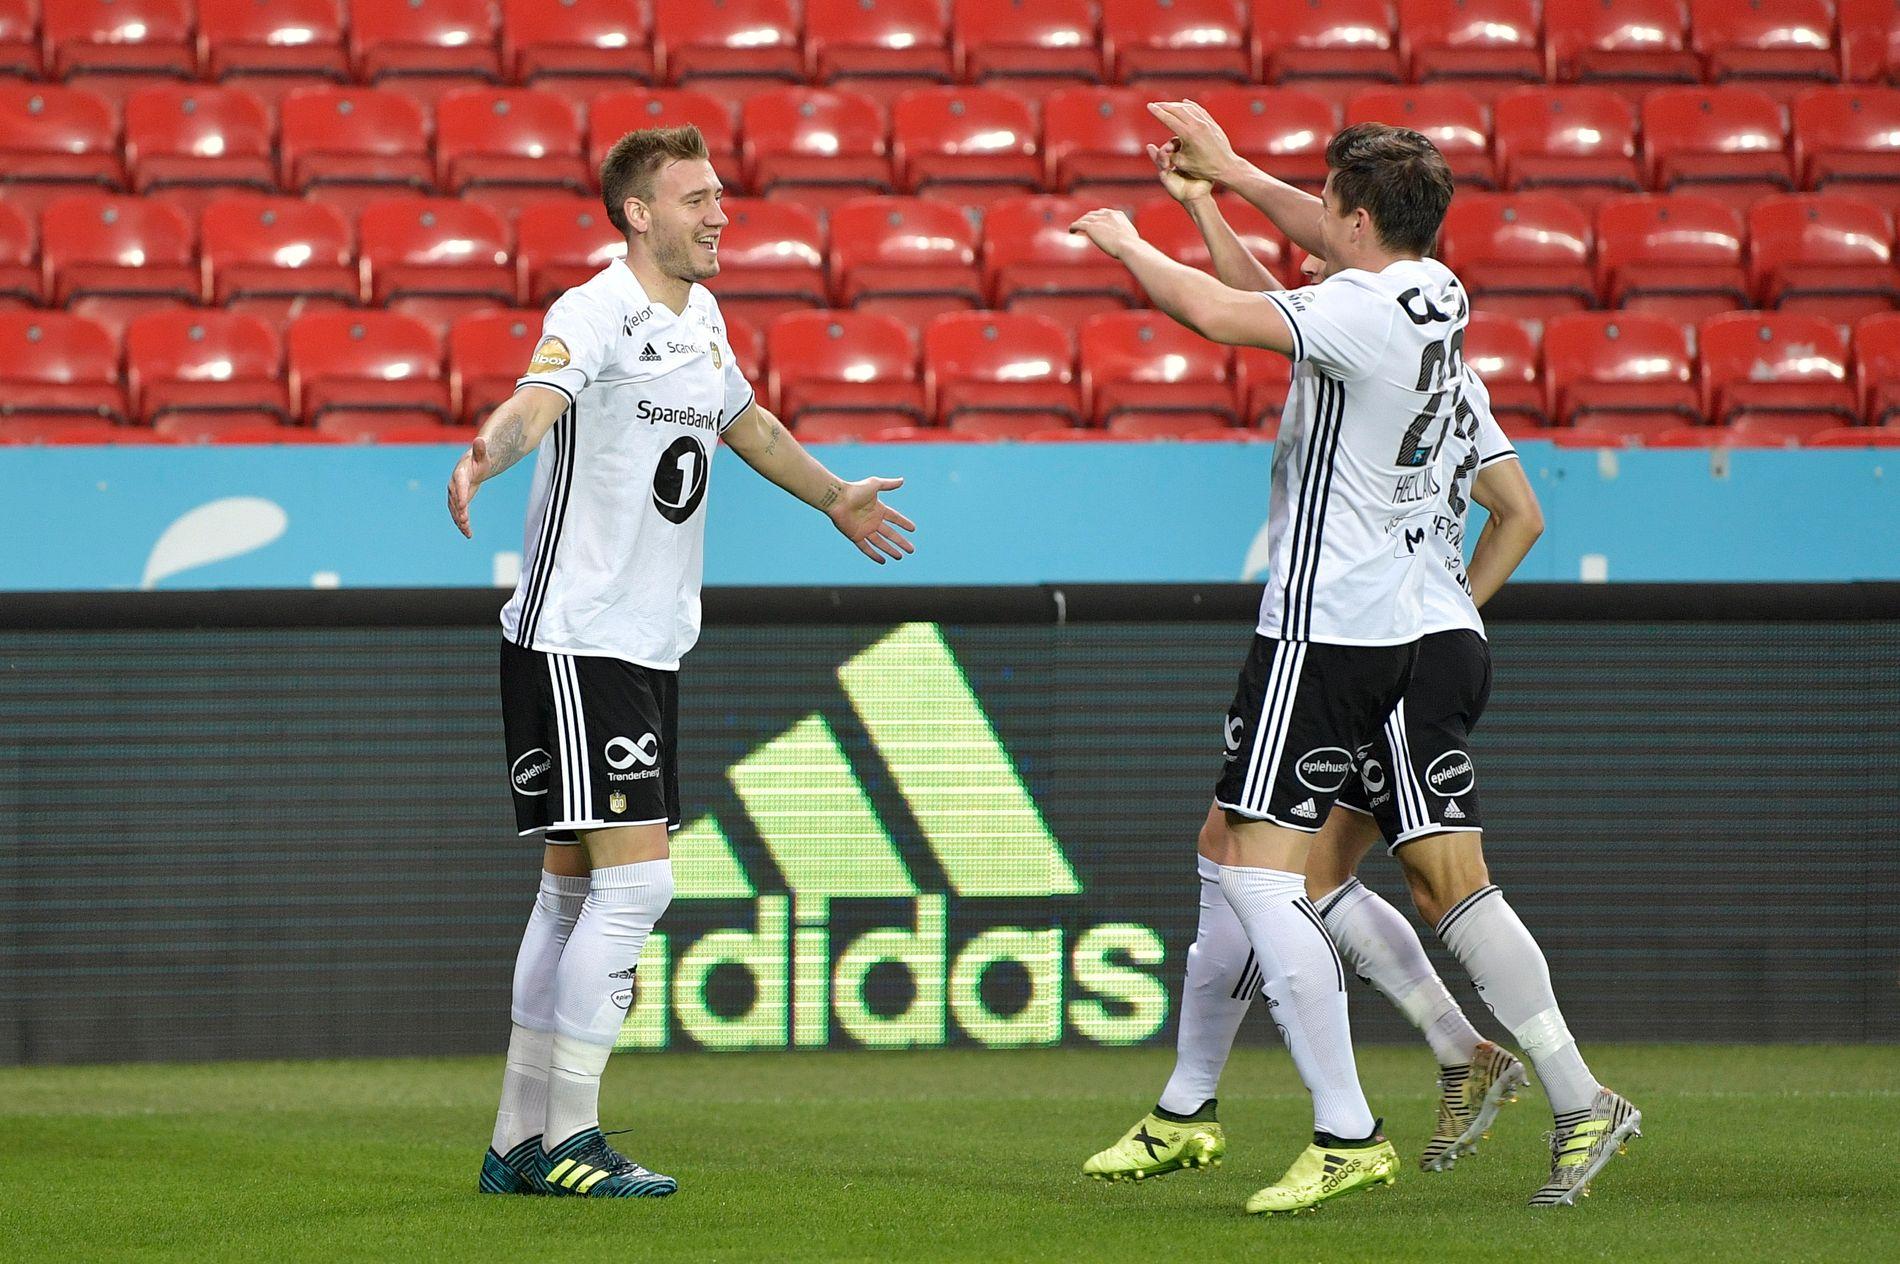 Rosenborg var best i staten og avslutningen av første omgang. Det førte til to nye Bendtner-mål.